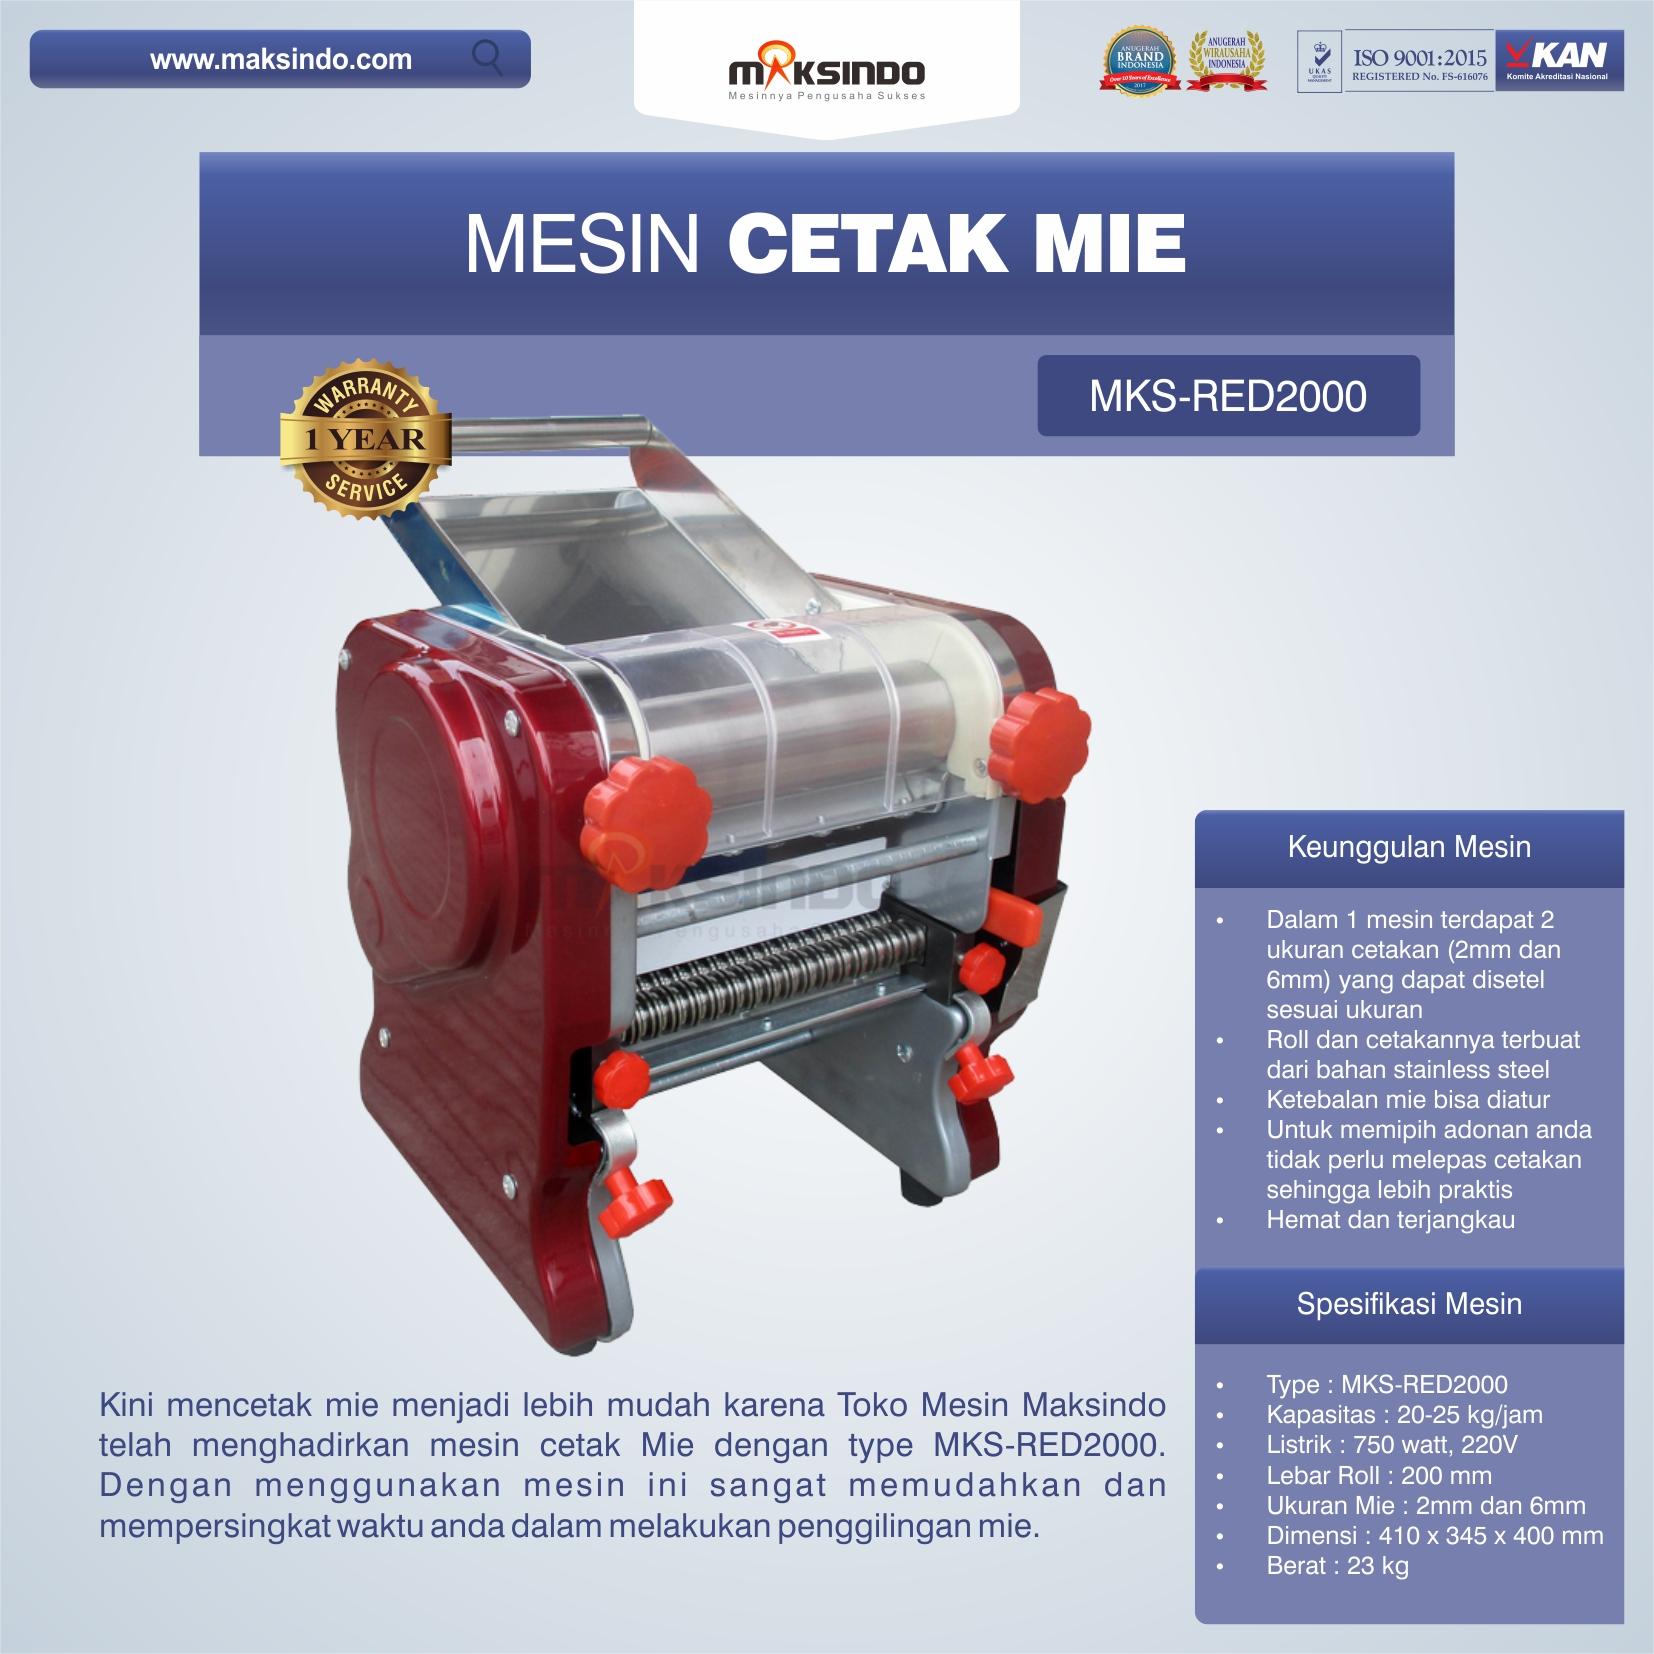 Jual Mesin Cetak Mie MKS-RED2000 di Bandung